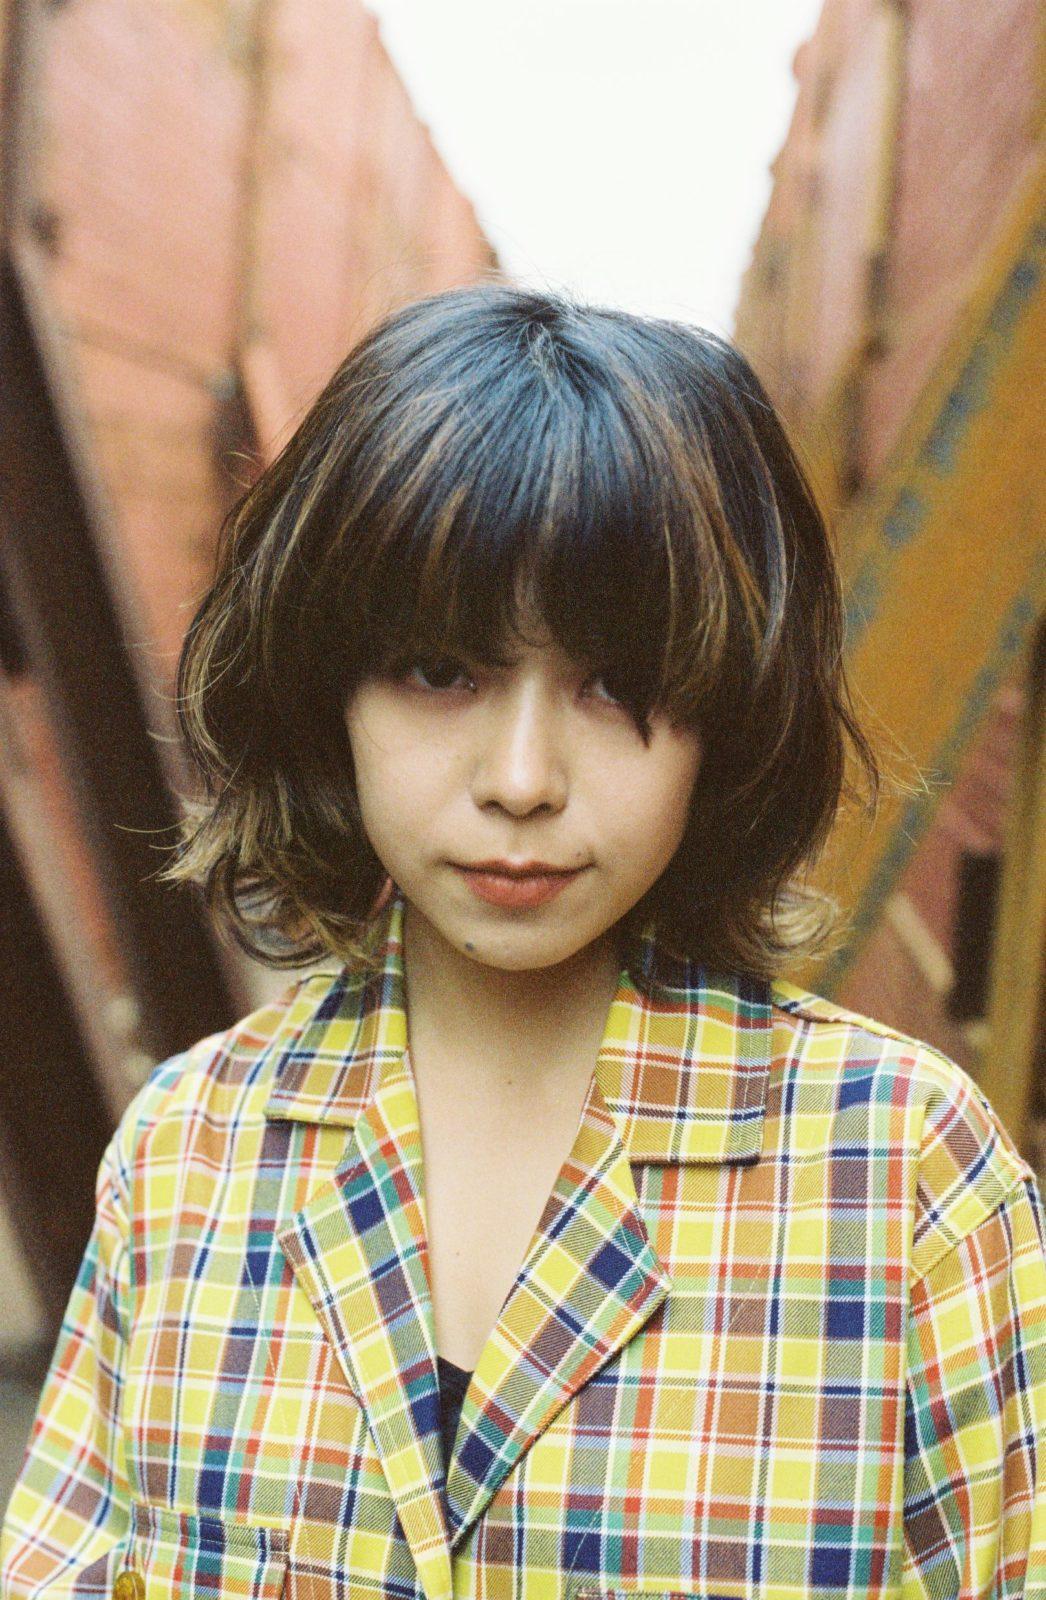 大比良瑞希、2ndアルバムから『RESCUE』の初となるオフィシャル・オーディオ公開サムネイル画像